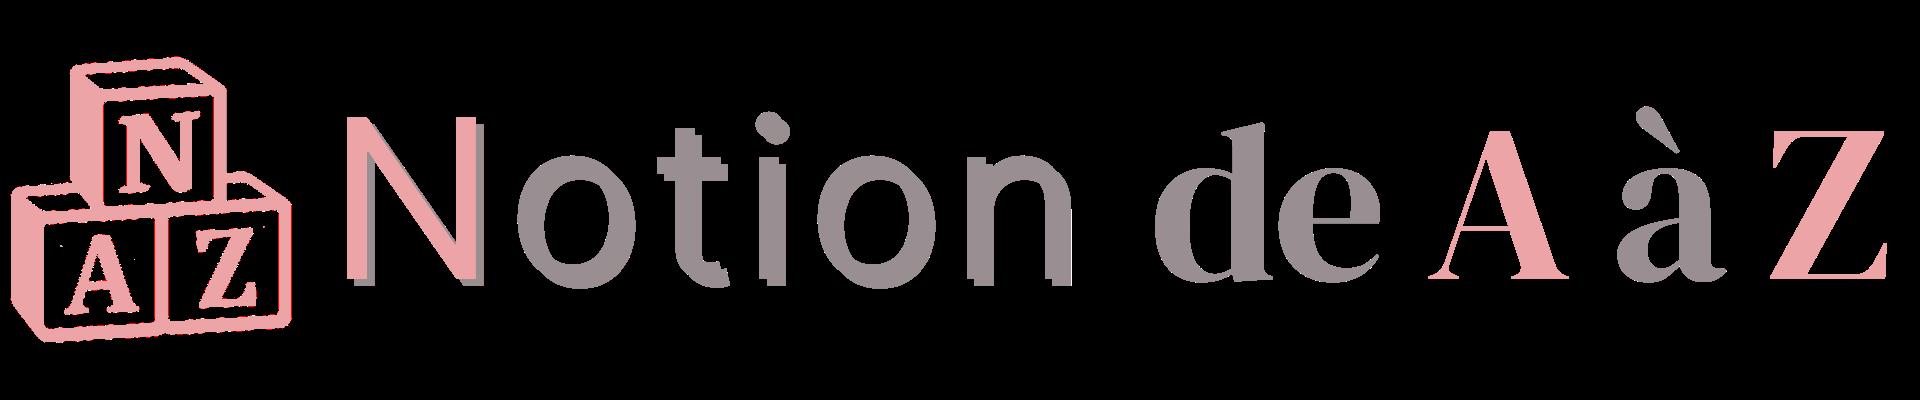 Notion de A à Z - Titre et logo